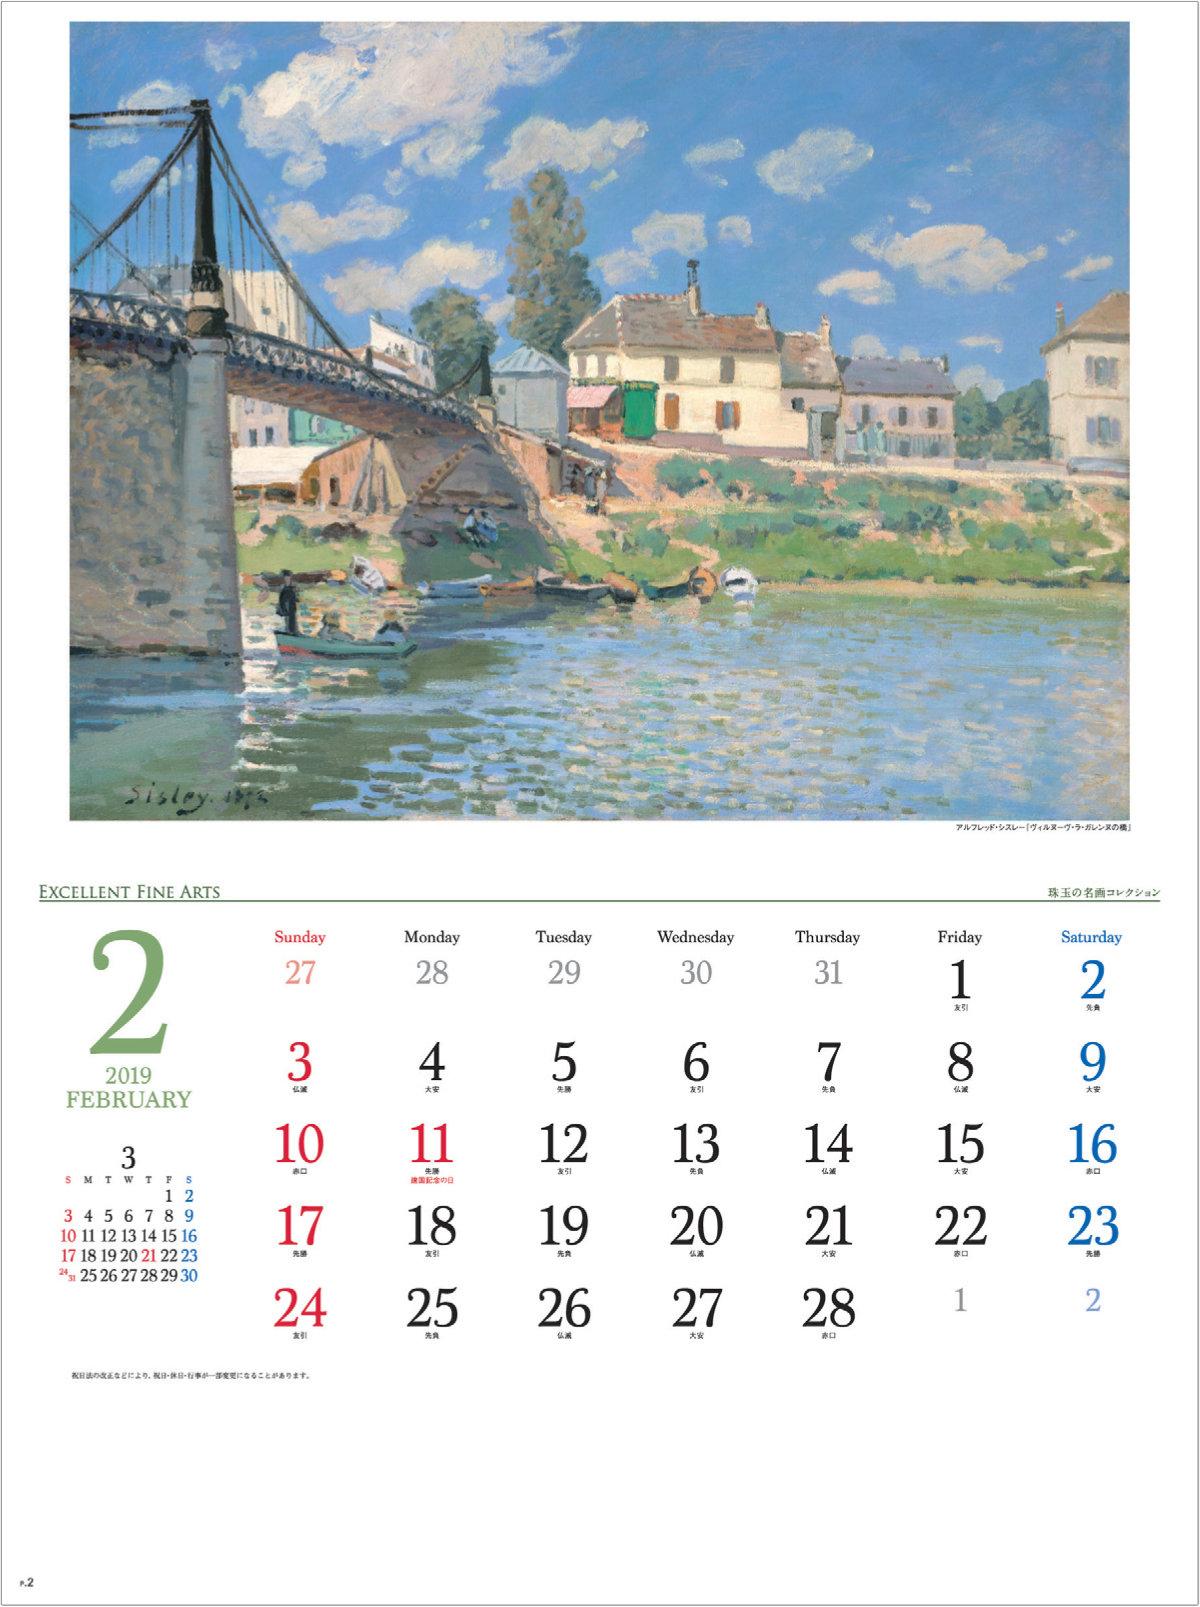 画像:アルフレッド・シスレー「ヴィルヌーブ・ラ・ガレンヌの橋」 珠玉の名画コレクション 2019年カレンダー